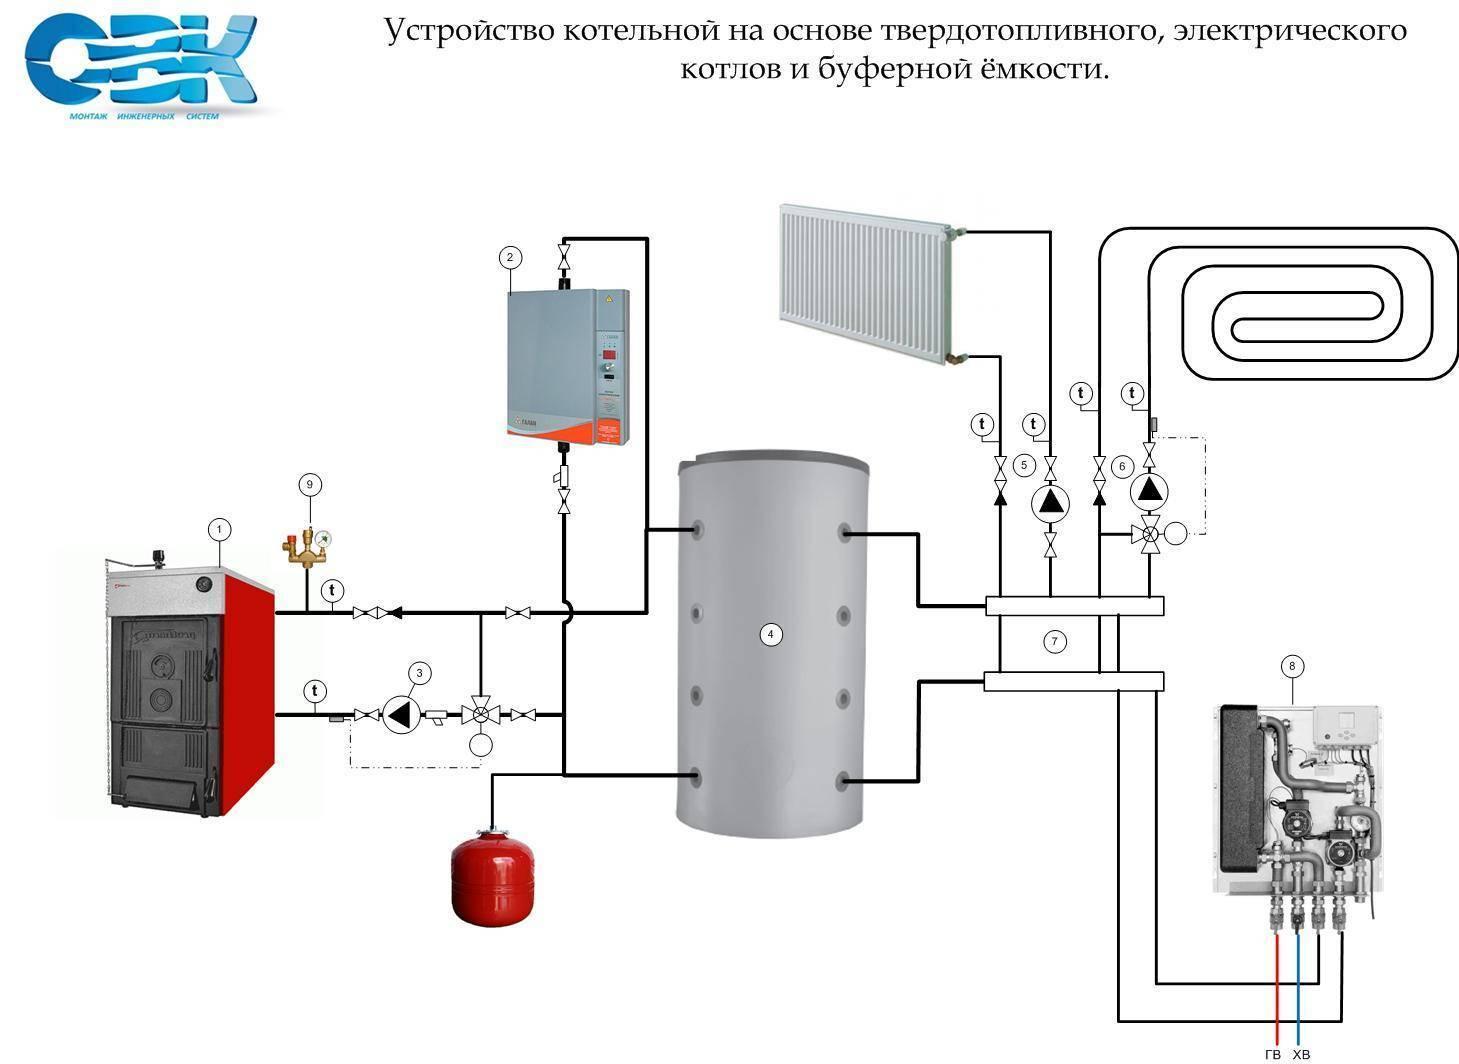 Обвязка электрического котла отопления: схема